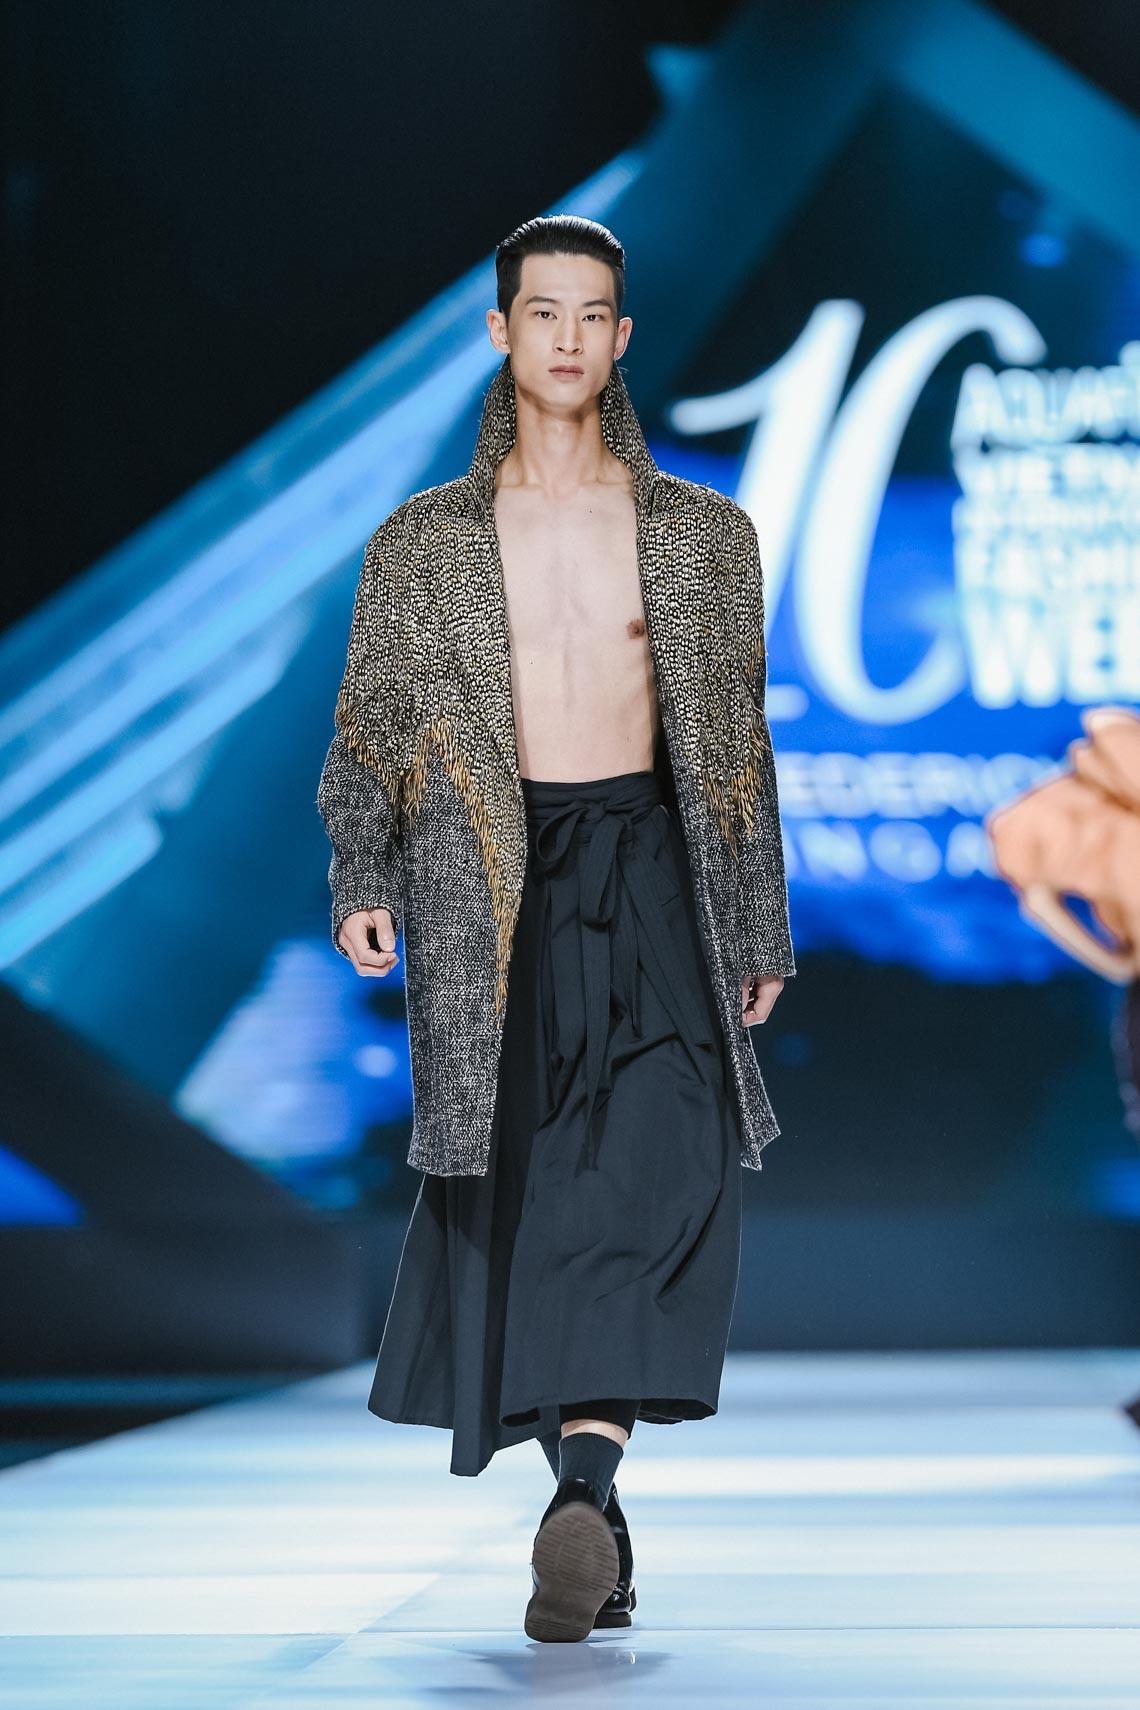 Siêu mẫu Thanh Hằng trong BST mới nhất của Frederick Lee trên sàn diễn Tuần lễ Thời trang Quốc tế Việt Nam Thu Đông 2019 - 19